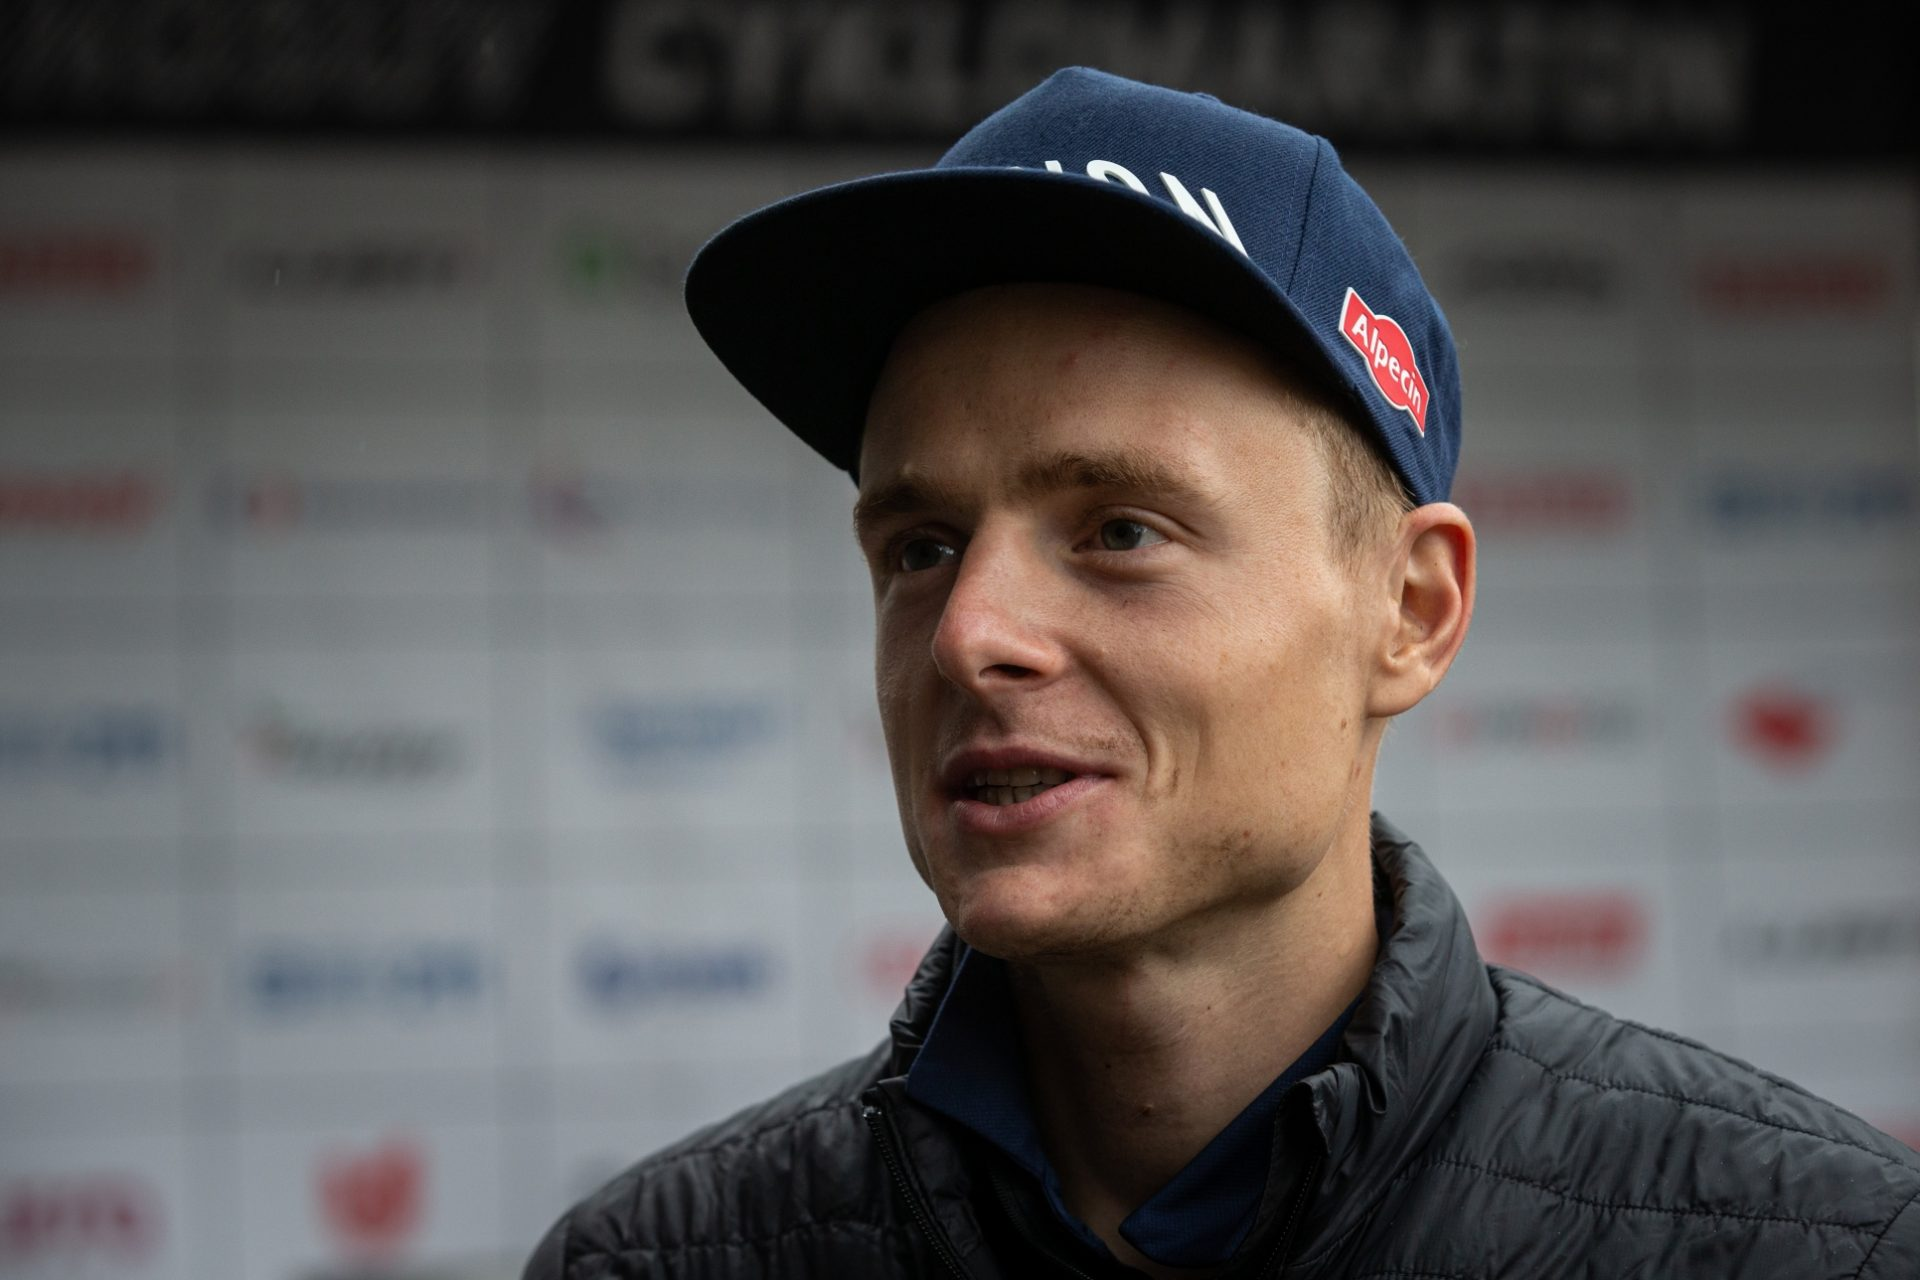 Petr Vakoč z týmu Alpecin-Fenix doufá, že sezona 2021 proběhne v normálním režimu. Foto: Michal Červený